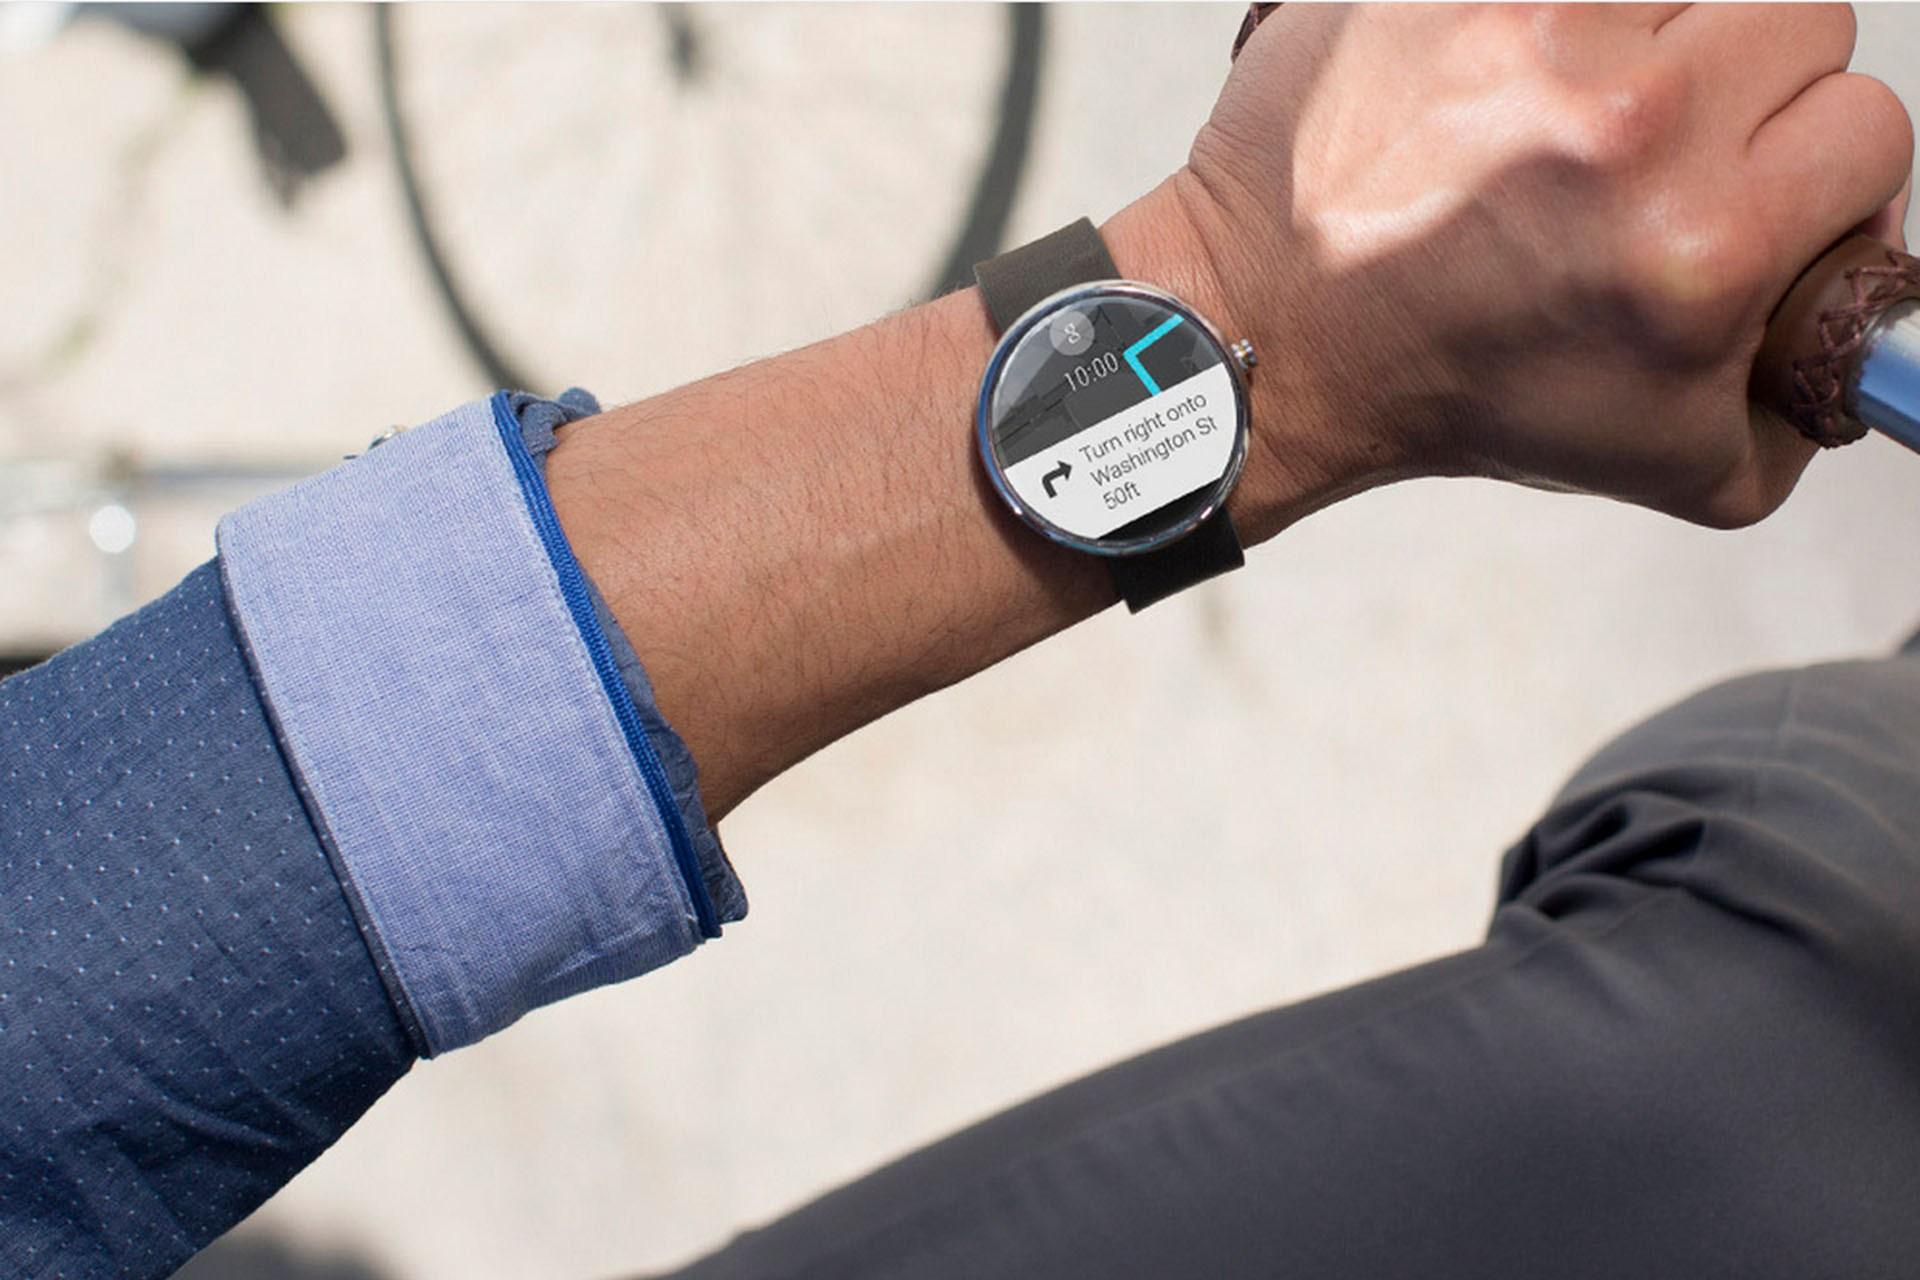 Les montres Android Wear pourront bientôt faire usage du WiFi